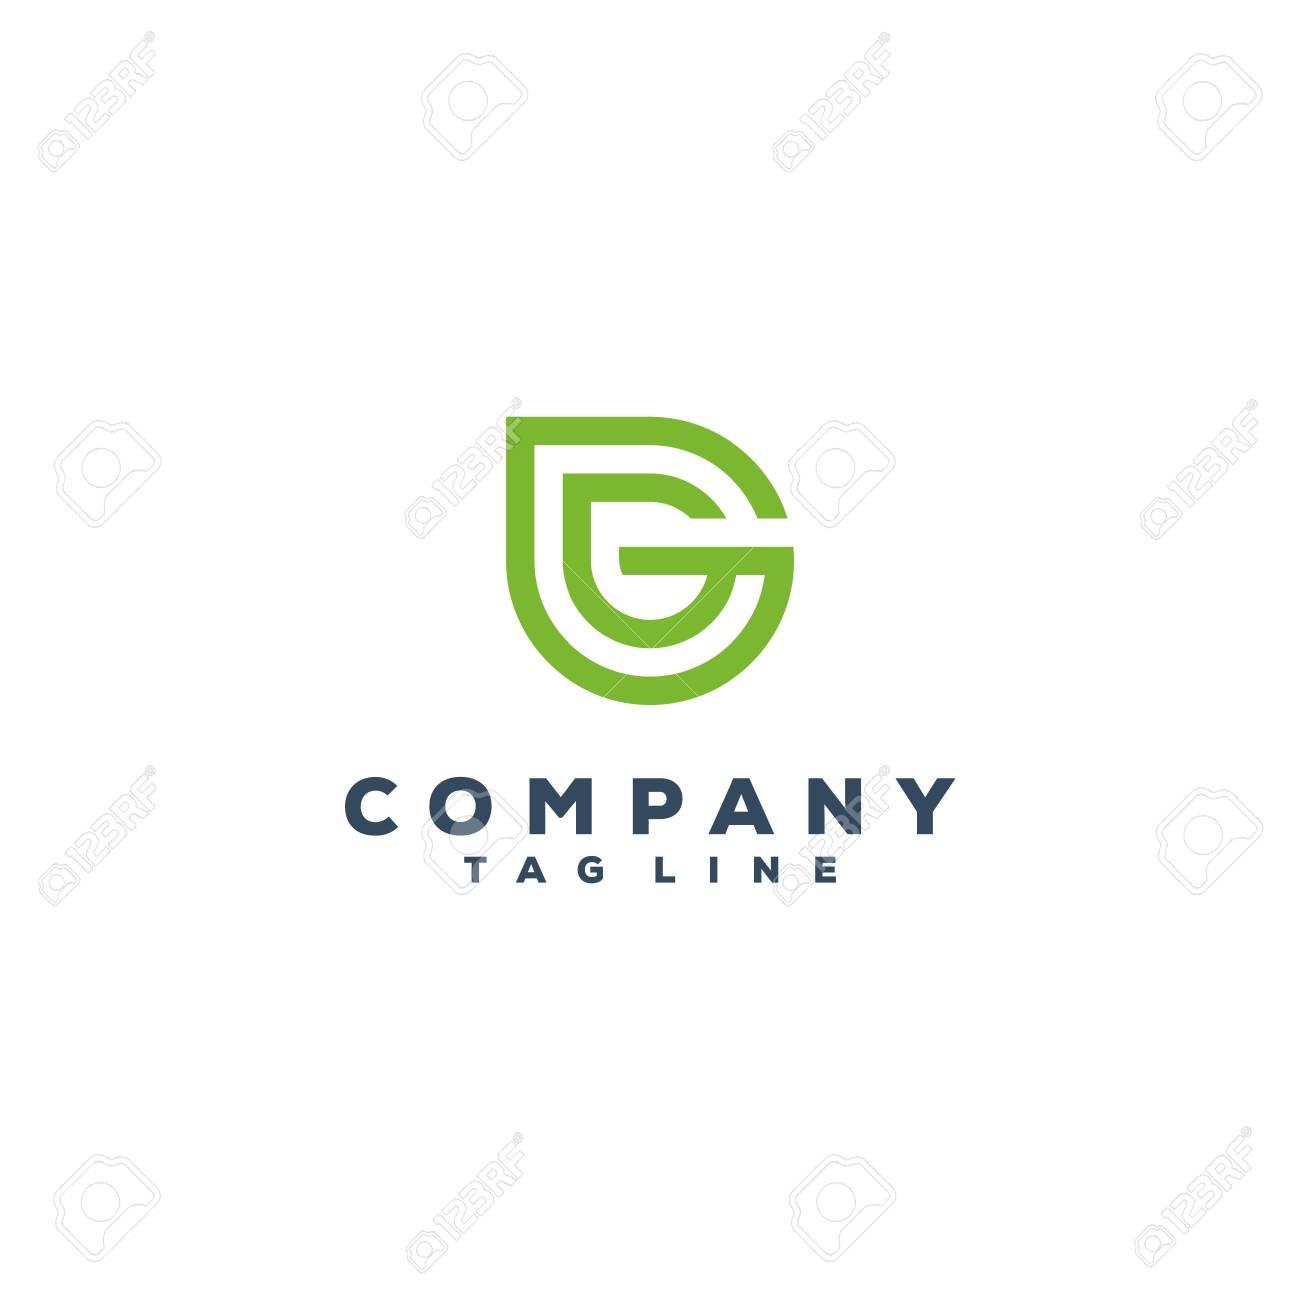 G & leaf logo design - 118778724